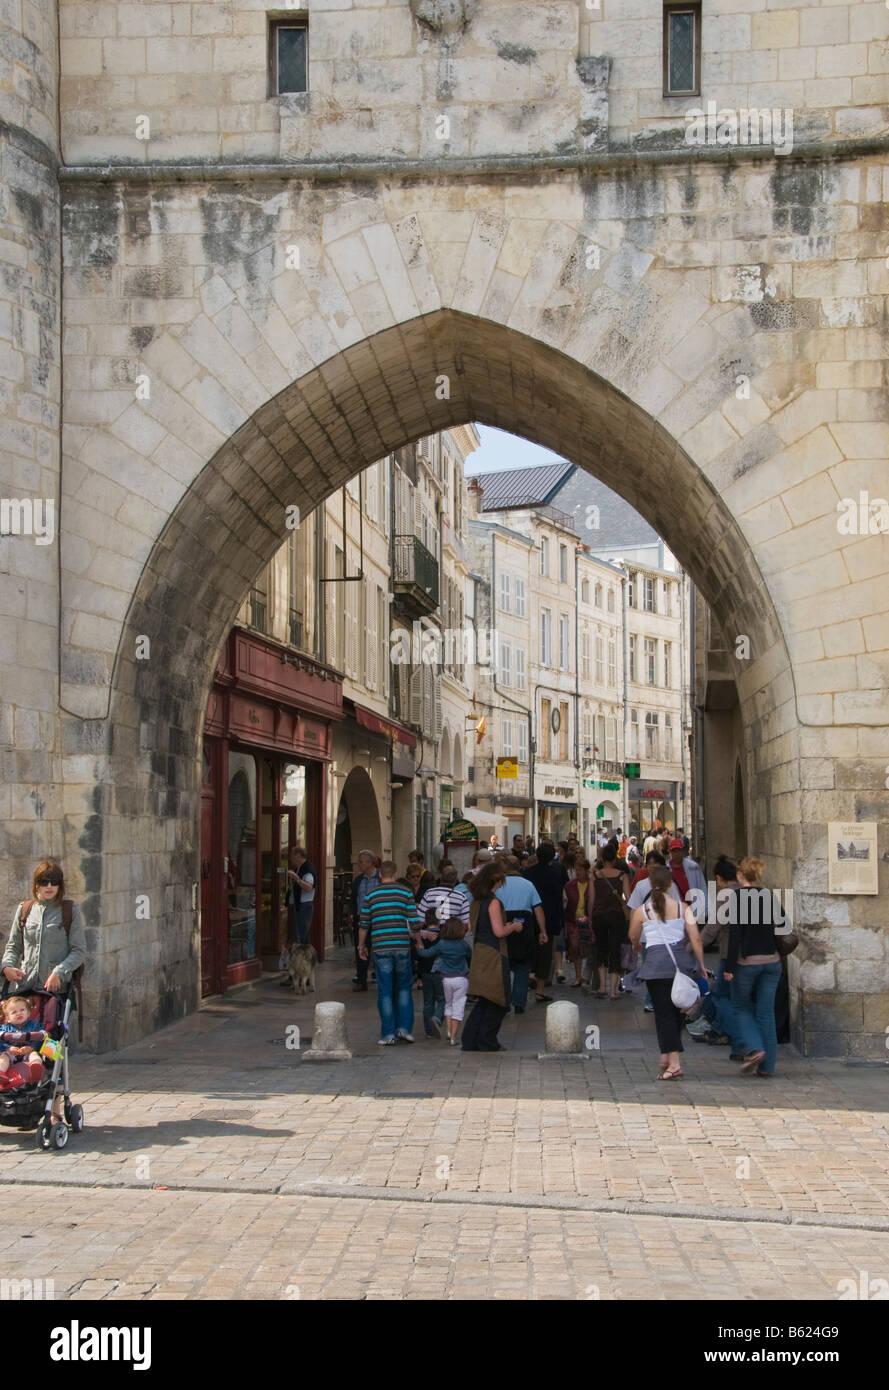 Porte de la Grosse Horloge La Rochelle Charente Maritime France - Stock Image